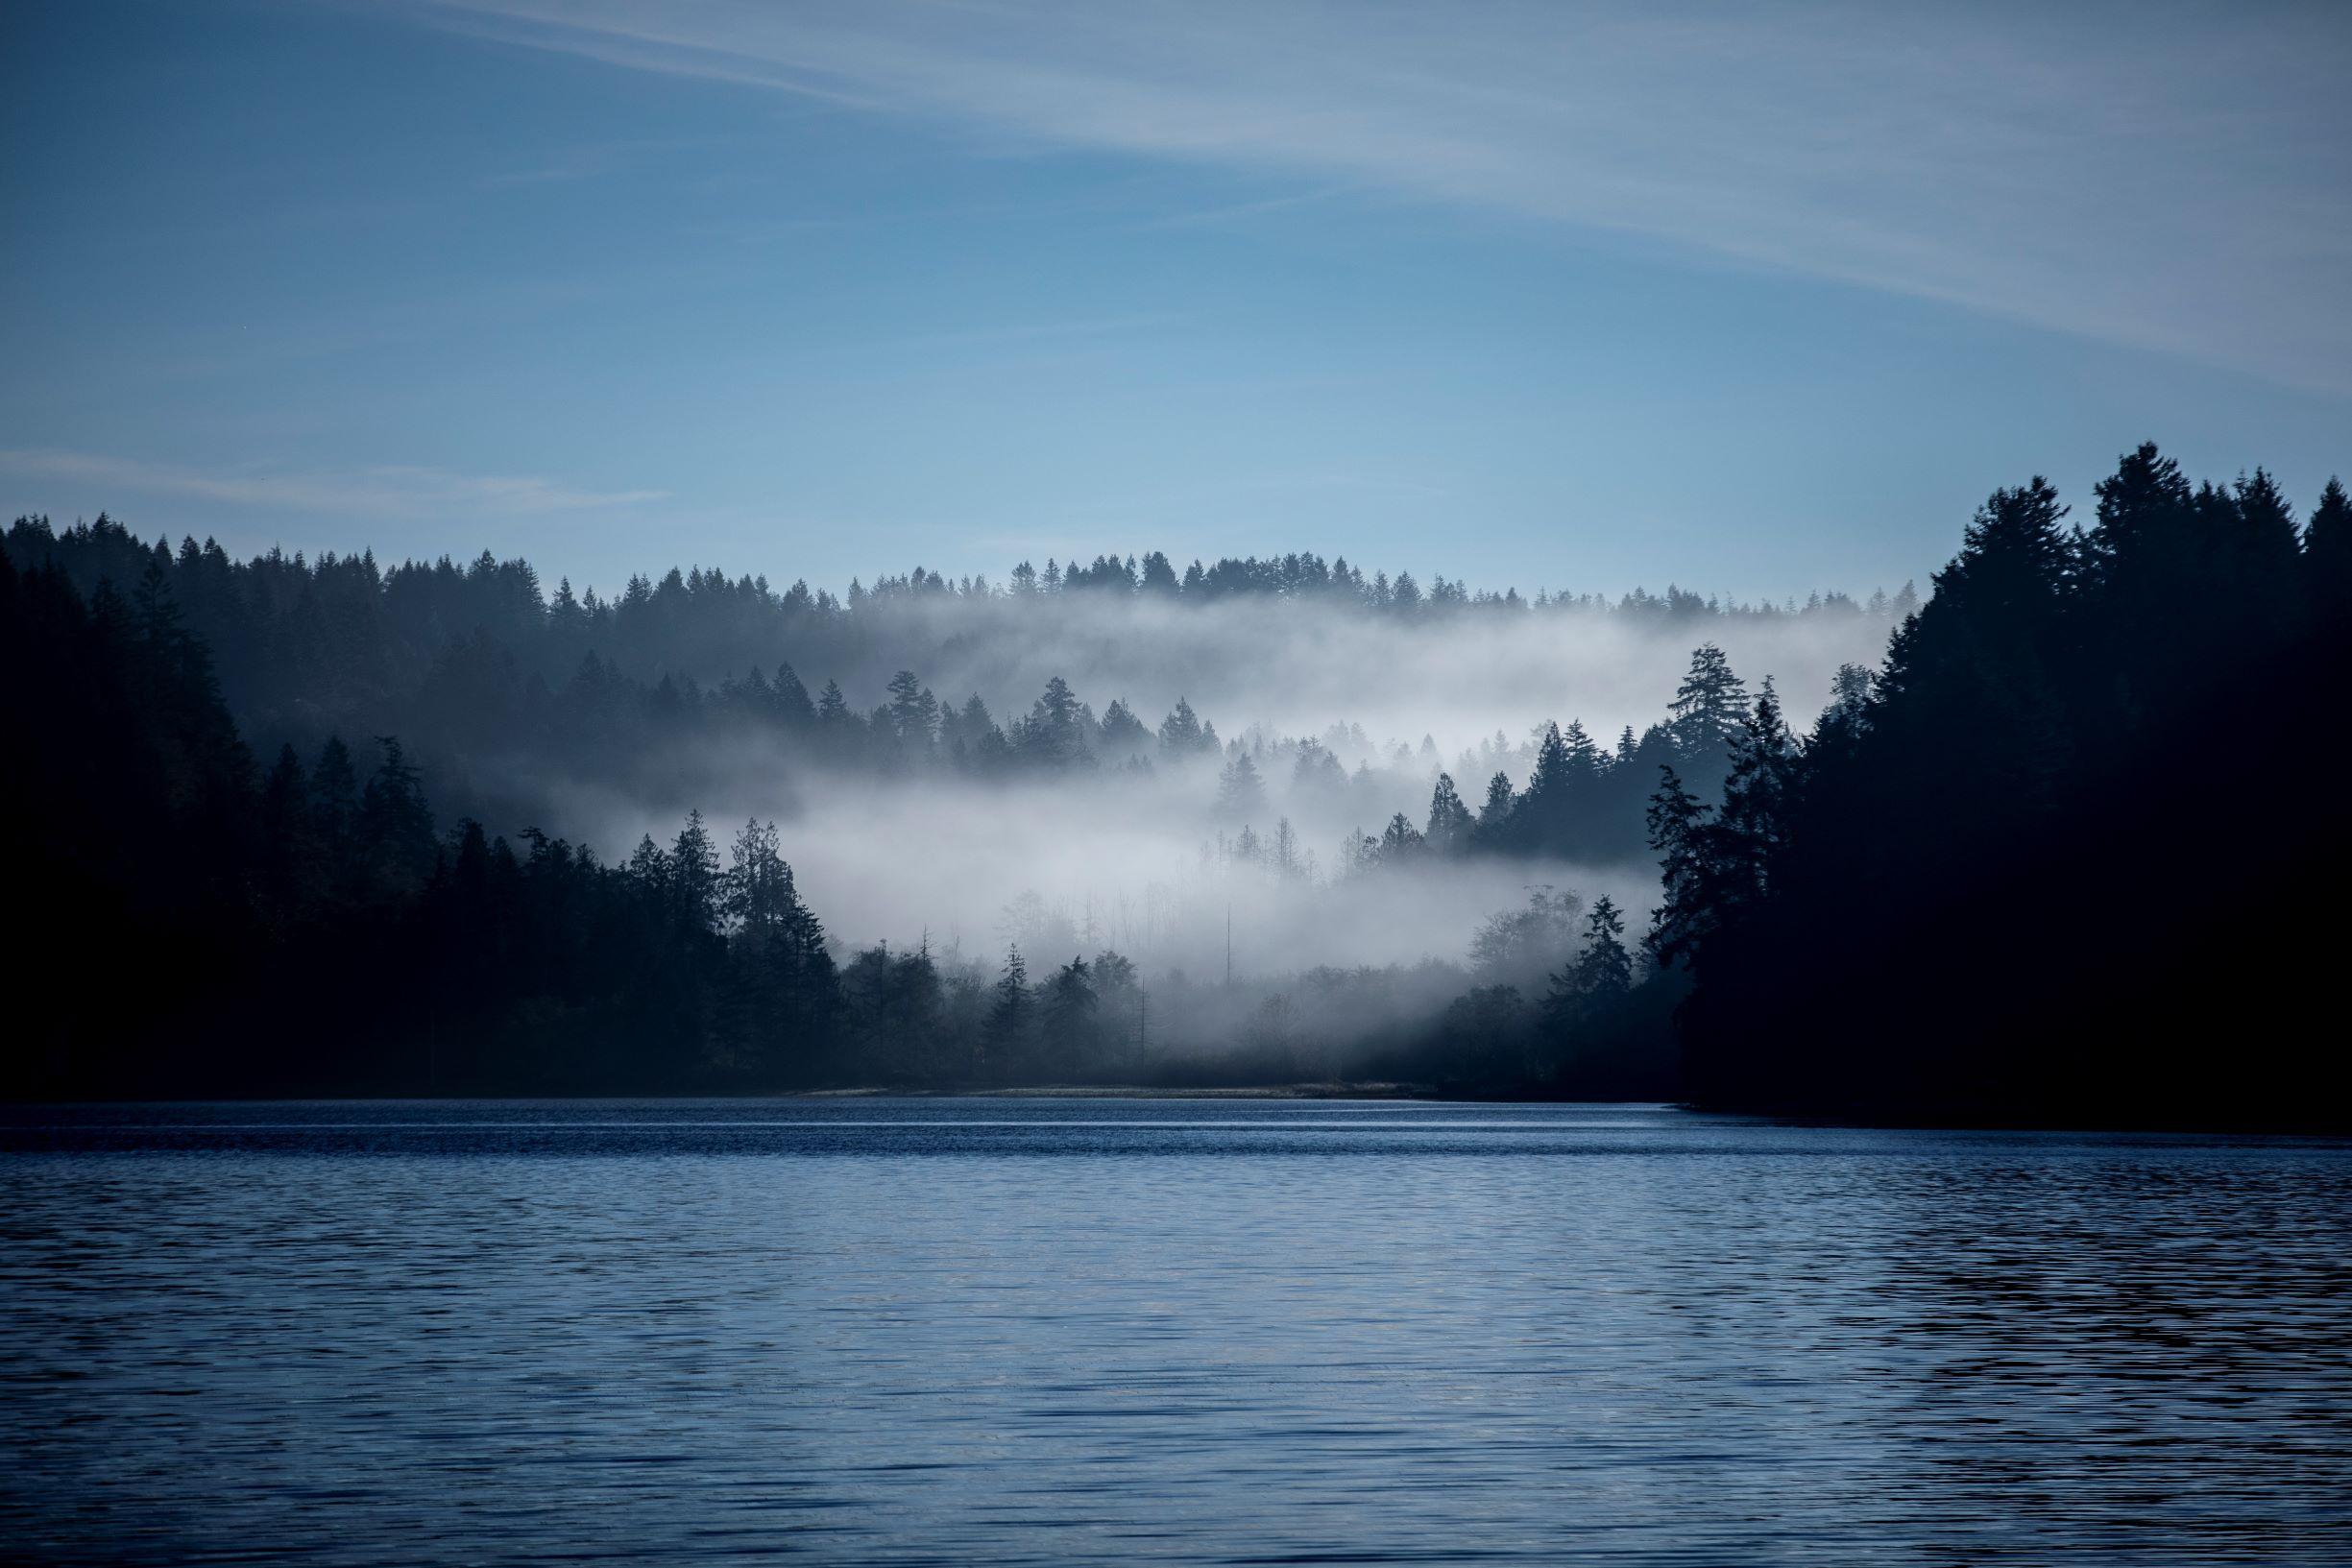 Northwest Washington / Cascades,